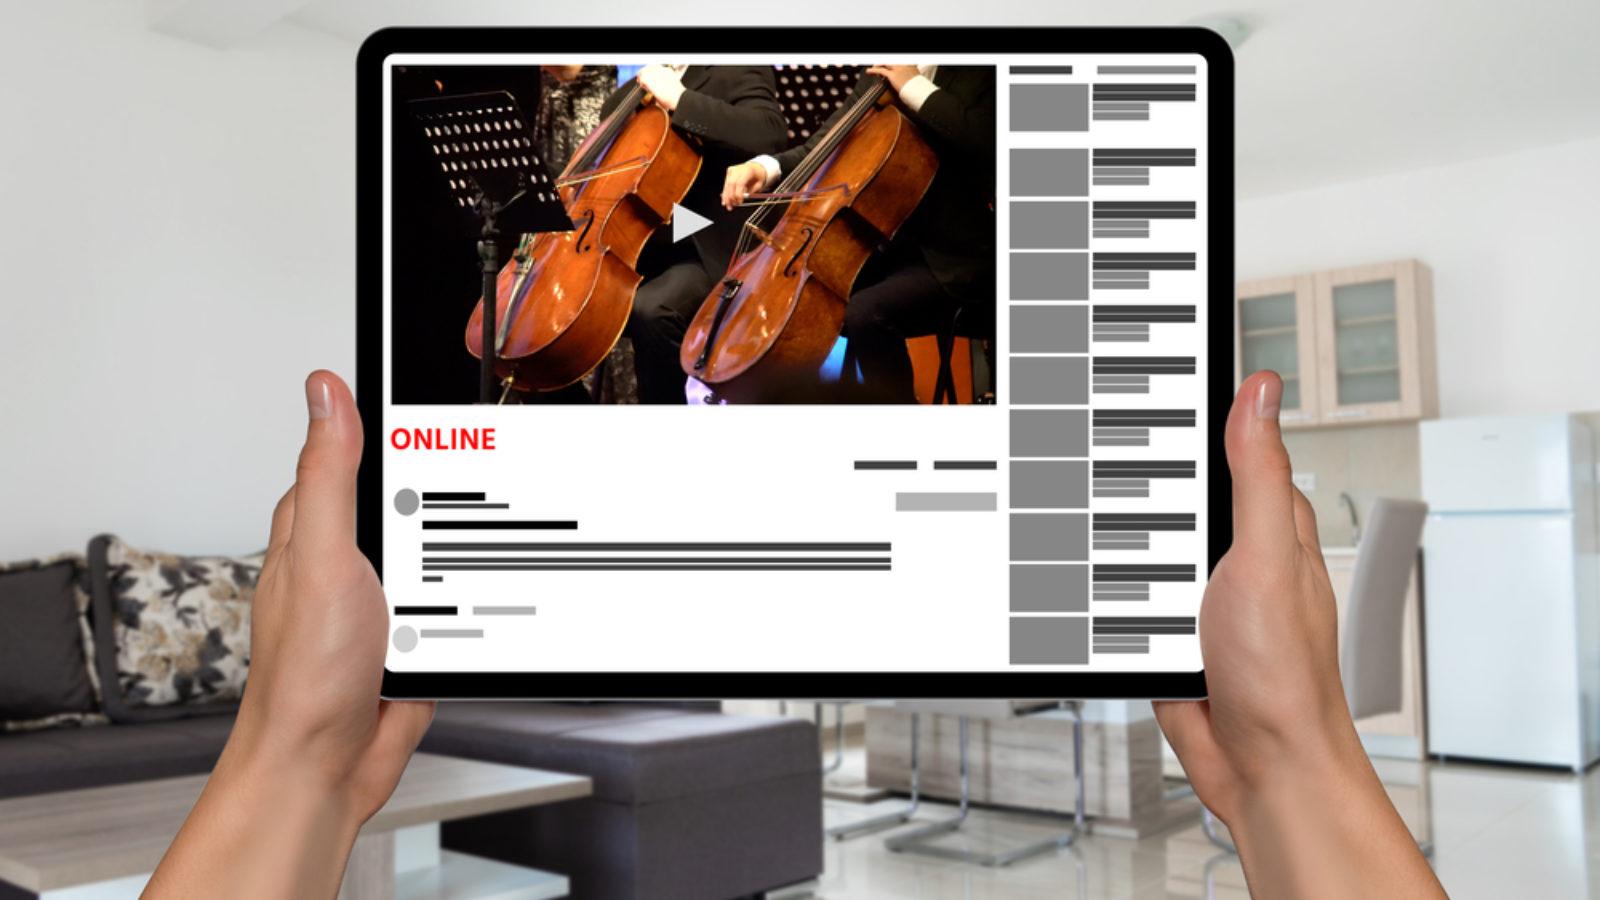 ◆テレワーク演奏(リモート演奏)の方法をシェアするよ!動画編集ソフトを使ったやり方も紹介【合奏・合唱もスマホでいける】